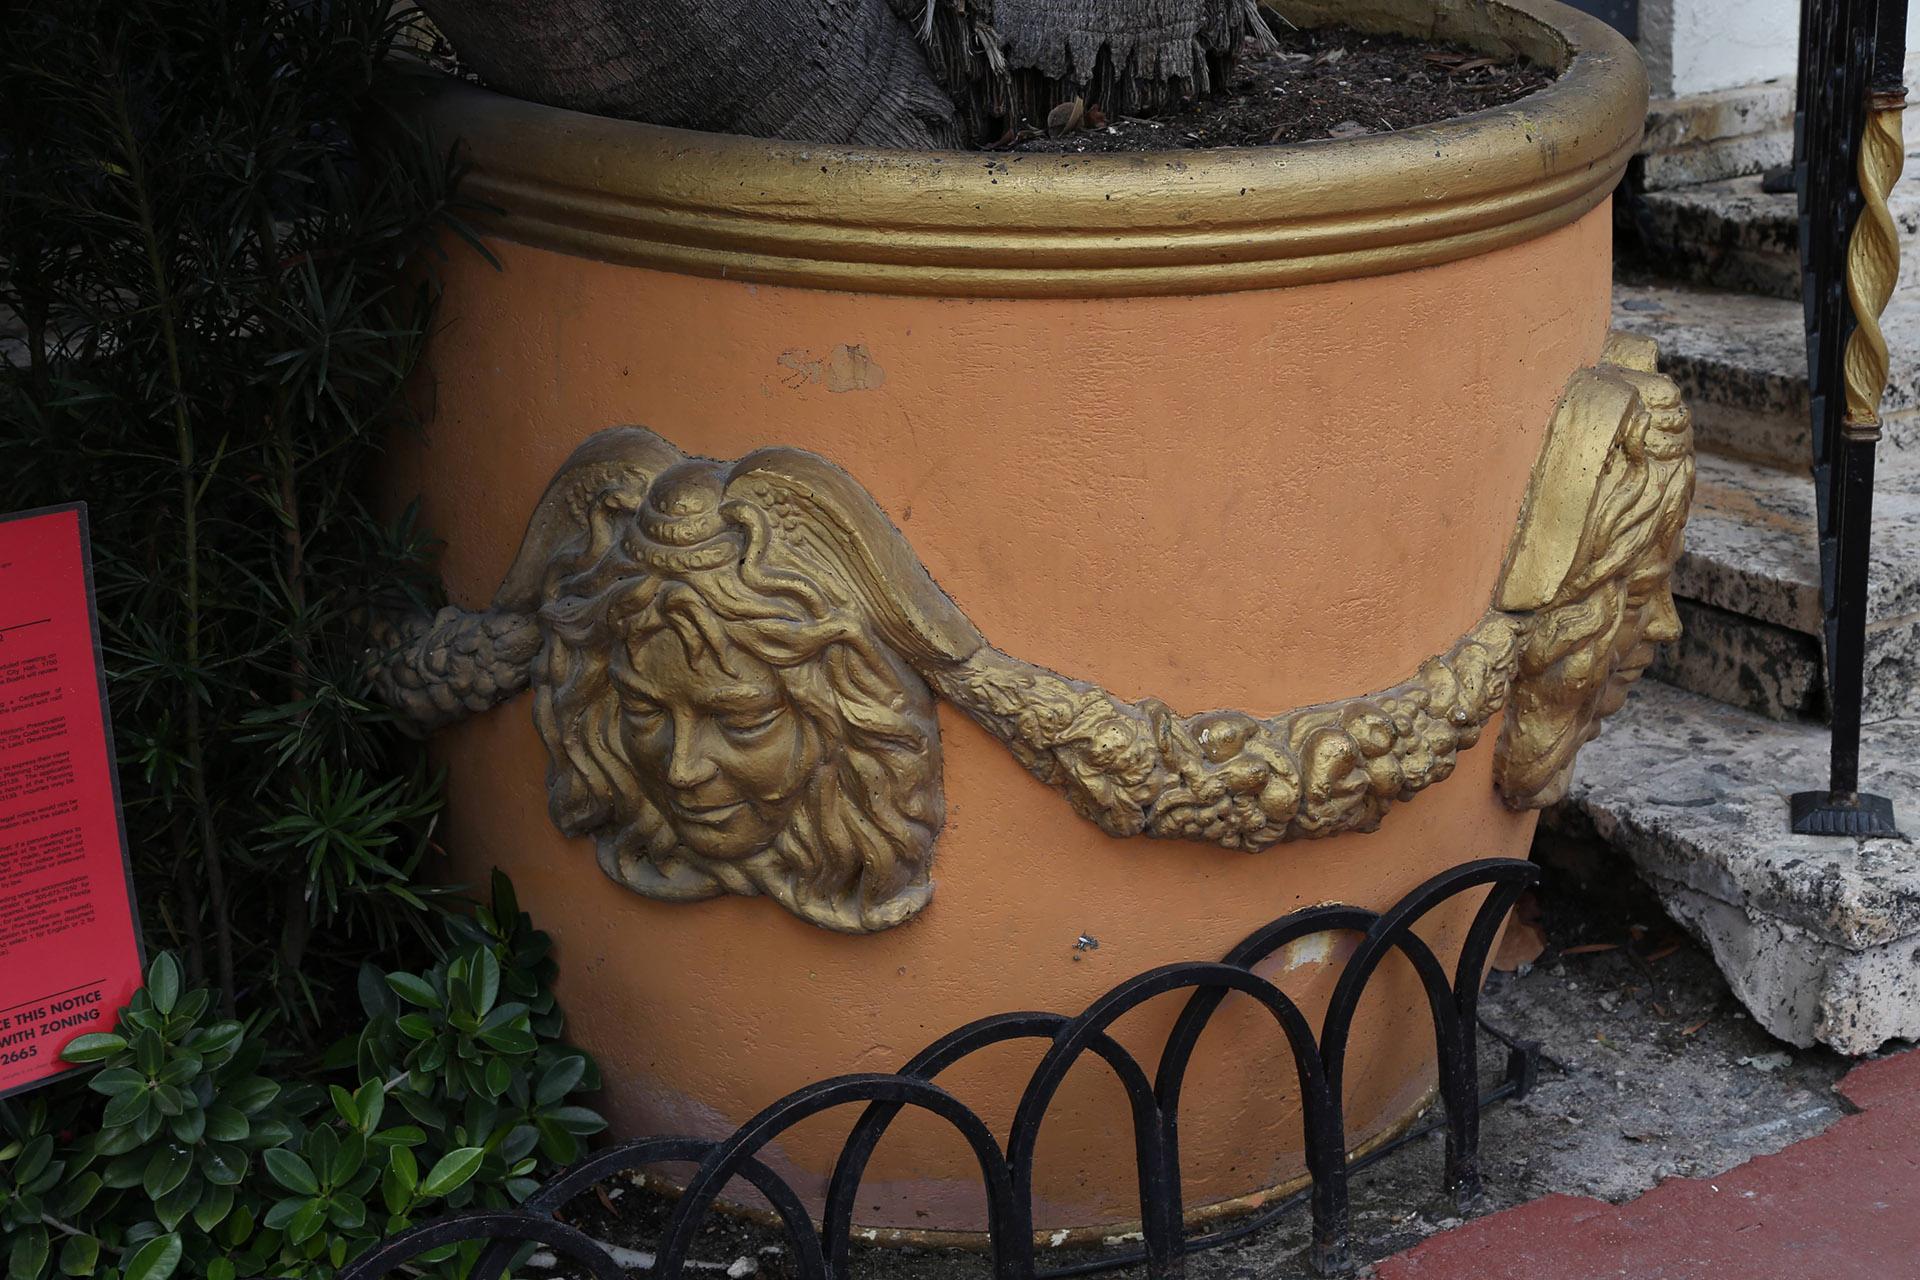 Medusa, repetida en una de las vasijas del jardín (Foto: Luis Fernández / Teleshow)